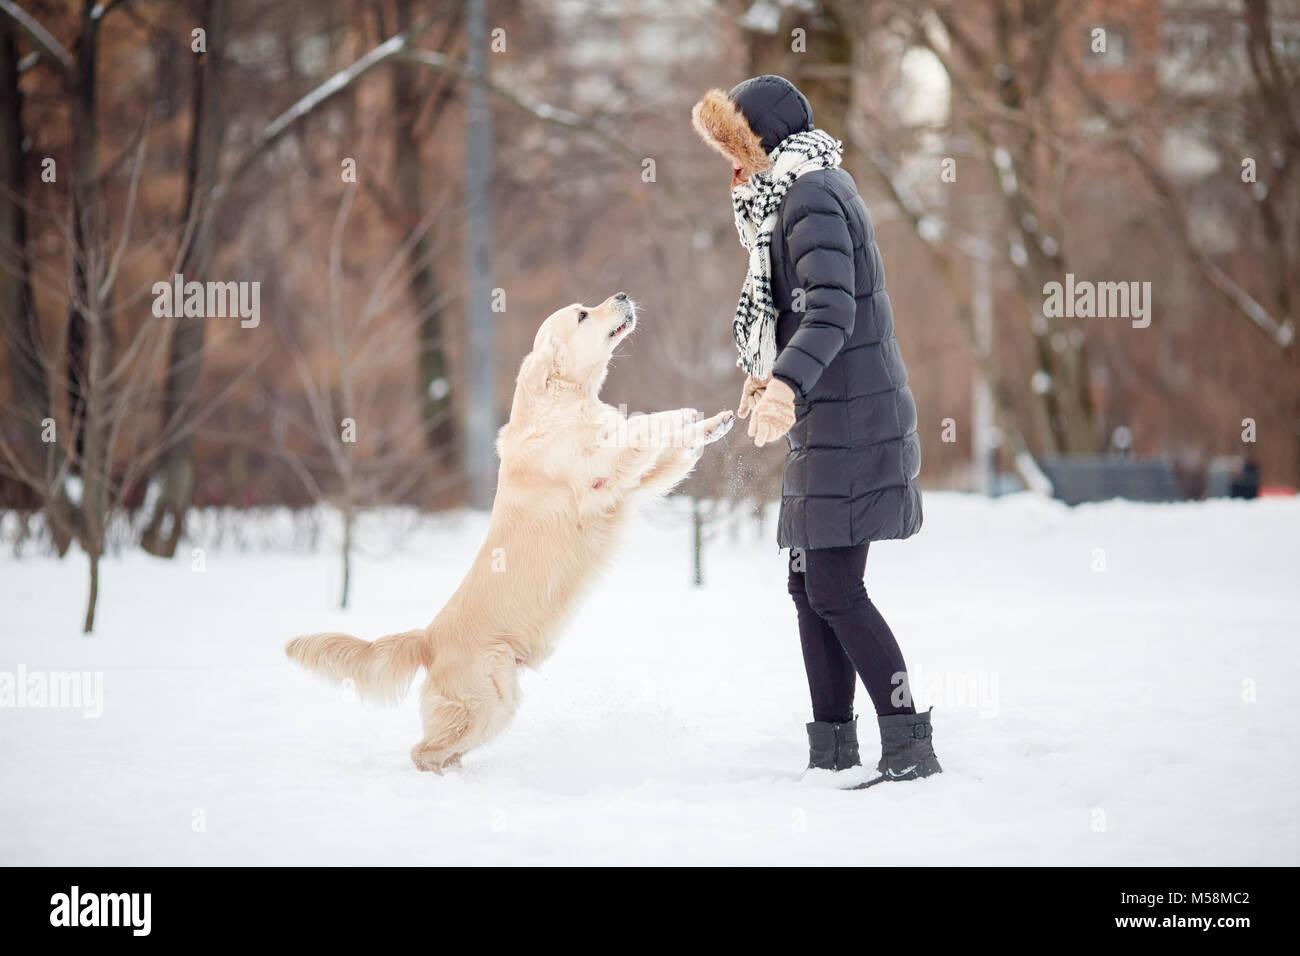 Imagen de chica en Chaqueta negra jugando con labrador en el parque de nieve Imagen De Stock